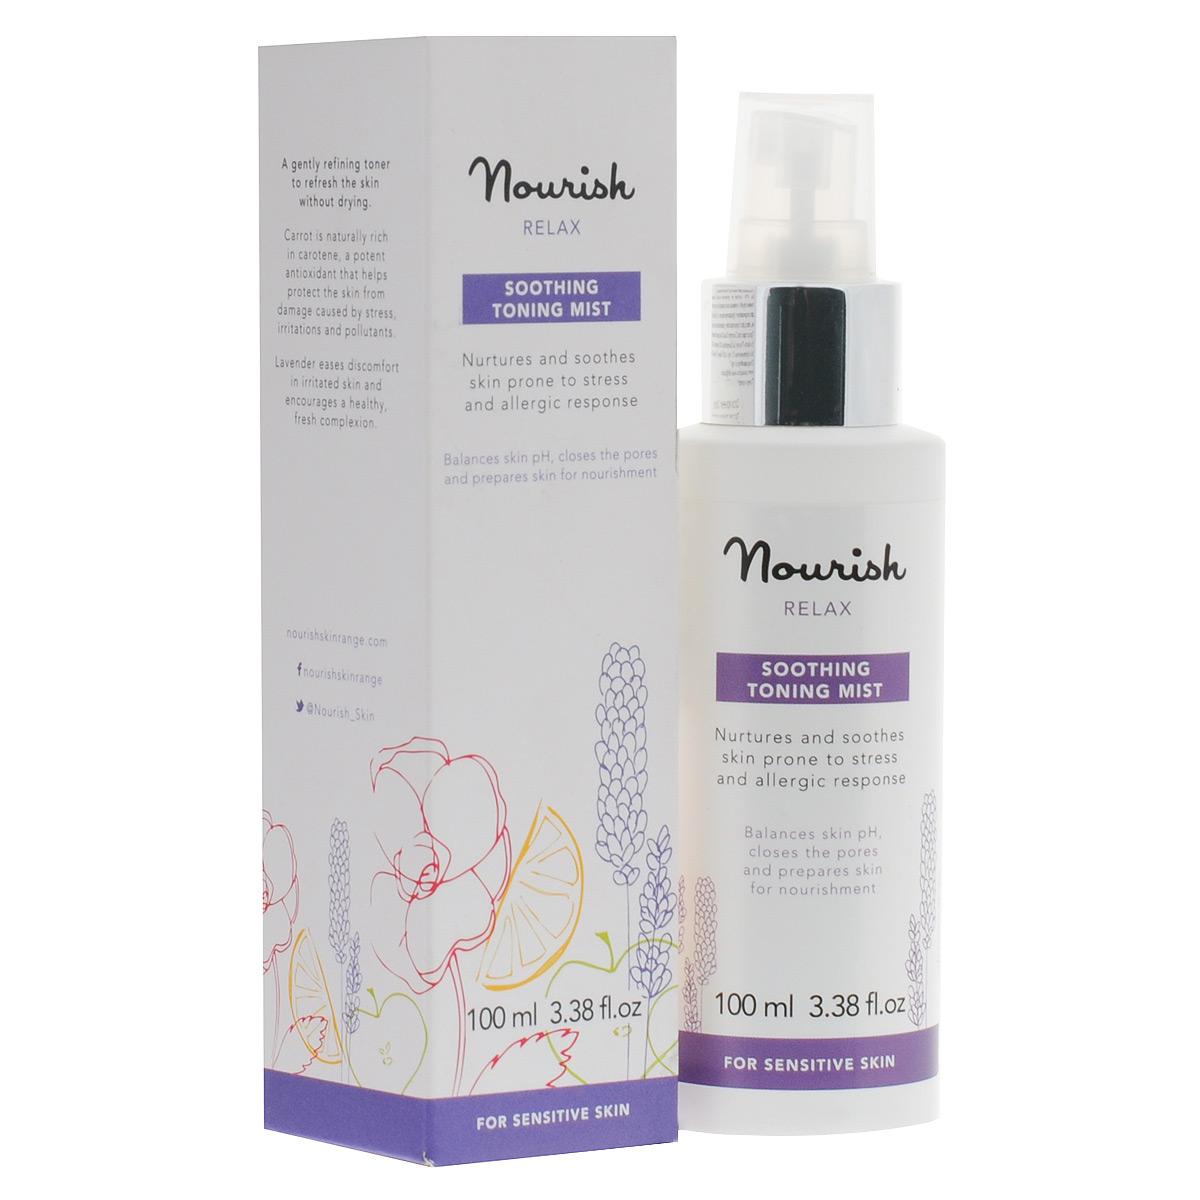 Nourish Тоник-спрей Relax, с экстрактом лаванды, для чувствительной кожи, 100 млУТ000001016Смягчающий тоник-спрей Relax глубоко увлажняет кожу, что необходимо для нормального функционирования клеток. В составе спрея: -масло лаванды деликатно успокаивает кожу; -кумарин, добываемый из плодов диптерикса душистого, обладает фотозащитными свойствами, оберегая нежную кожу от негативного воздействия ультрафиолета. Рекомендован для обладателей чувствительной кожи. На 97% состоит из органических компонентов. Товар сертифицирован.